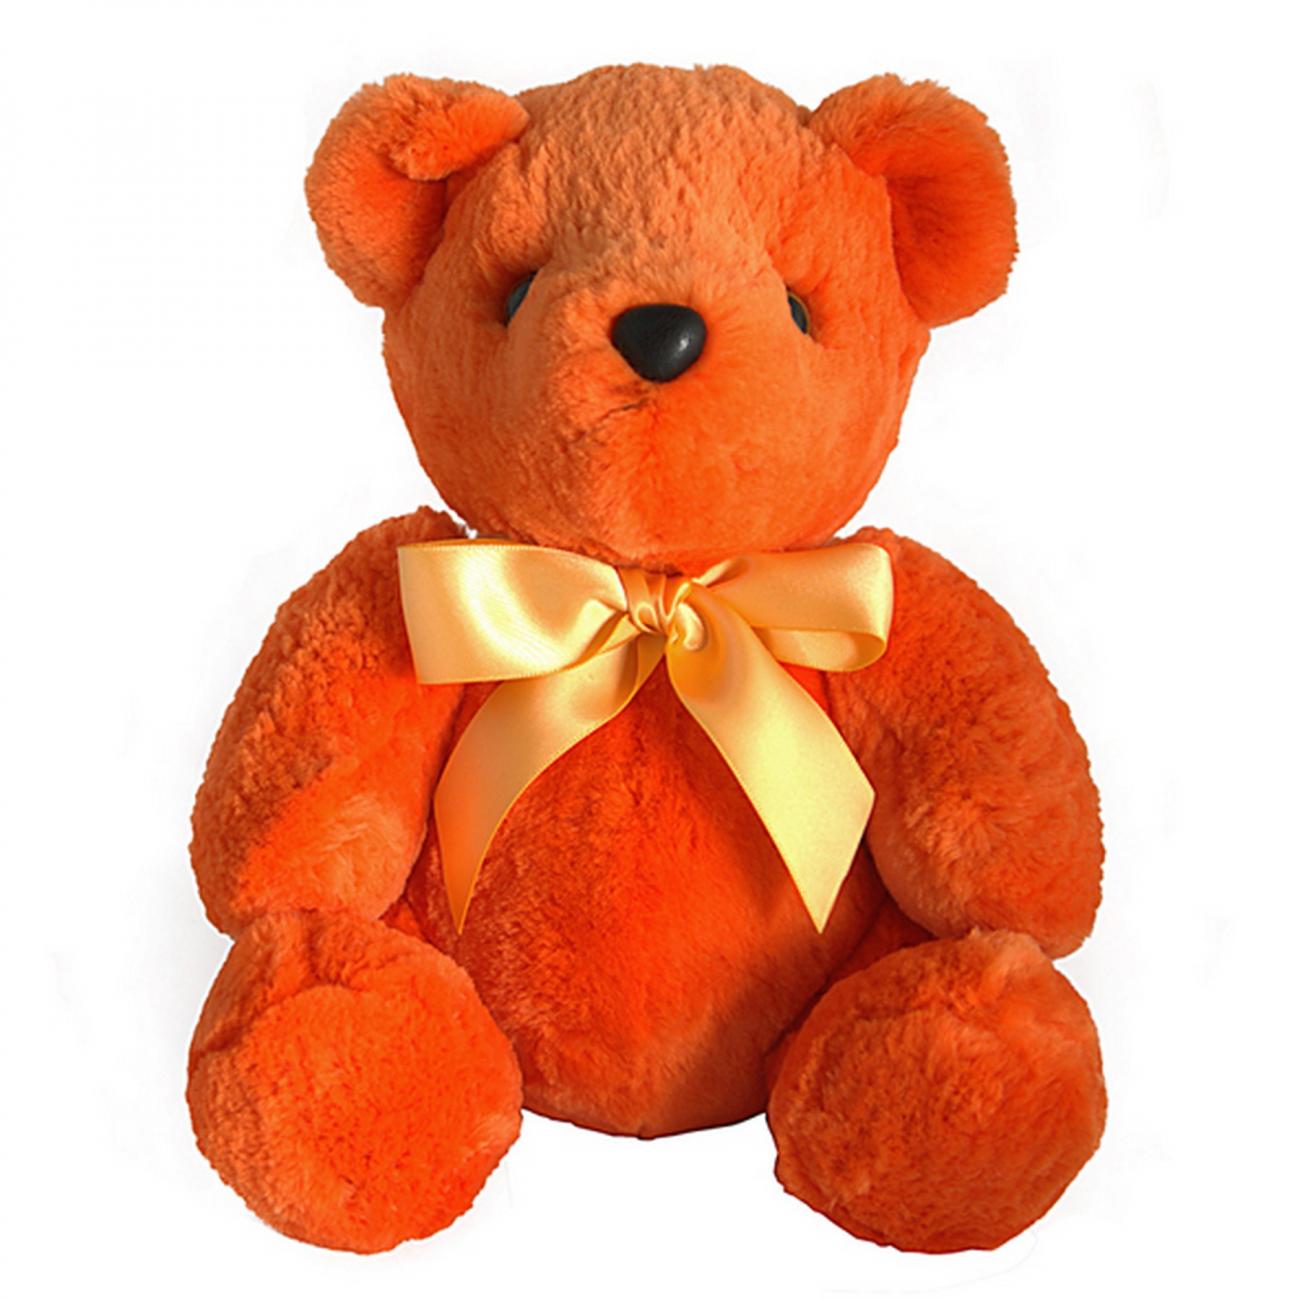 Купить Игрушка Медвежонок с бантом (оранжевый) натуральный мех бобра в интернет магазине дизайнерской мебели и аксессуаров для дома и дачи